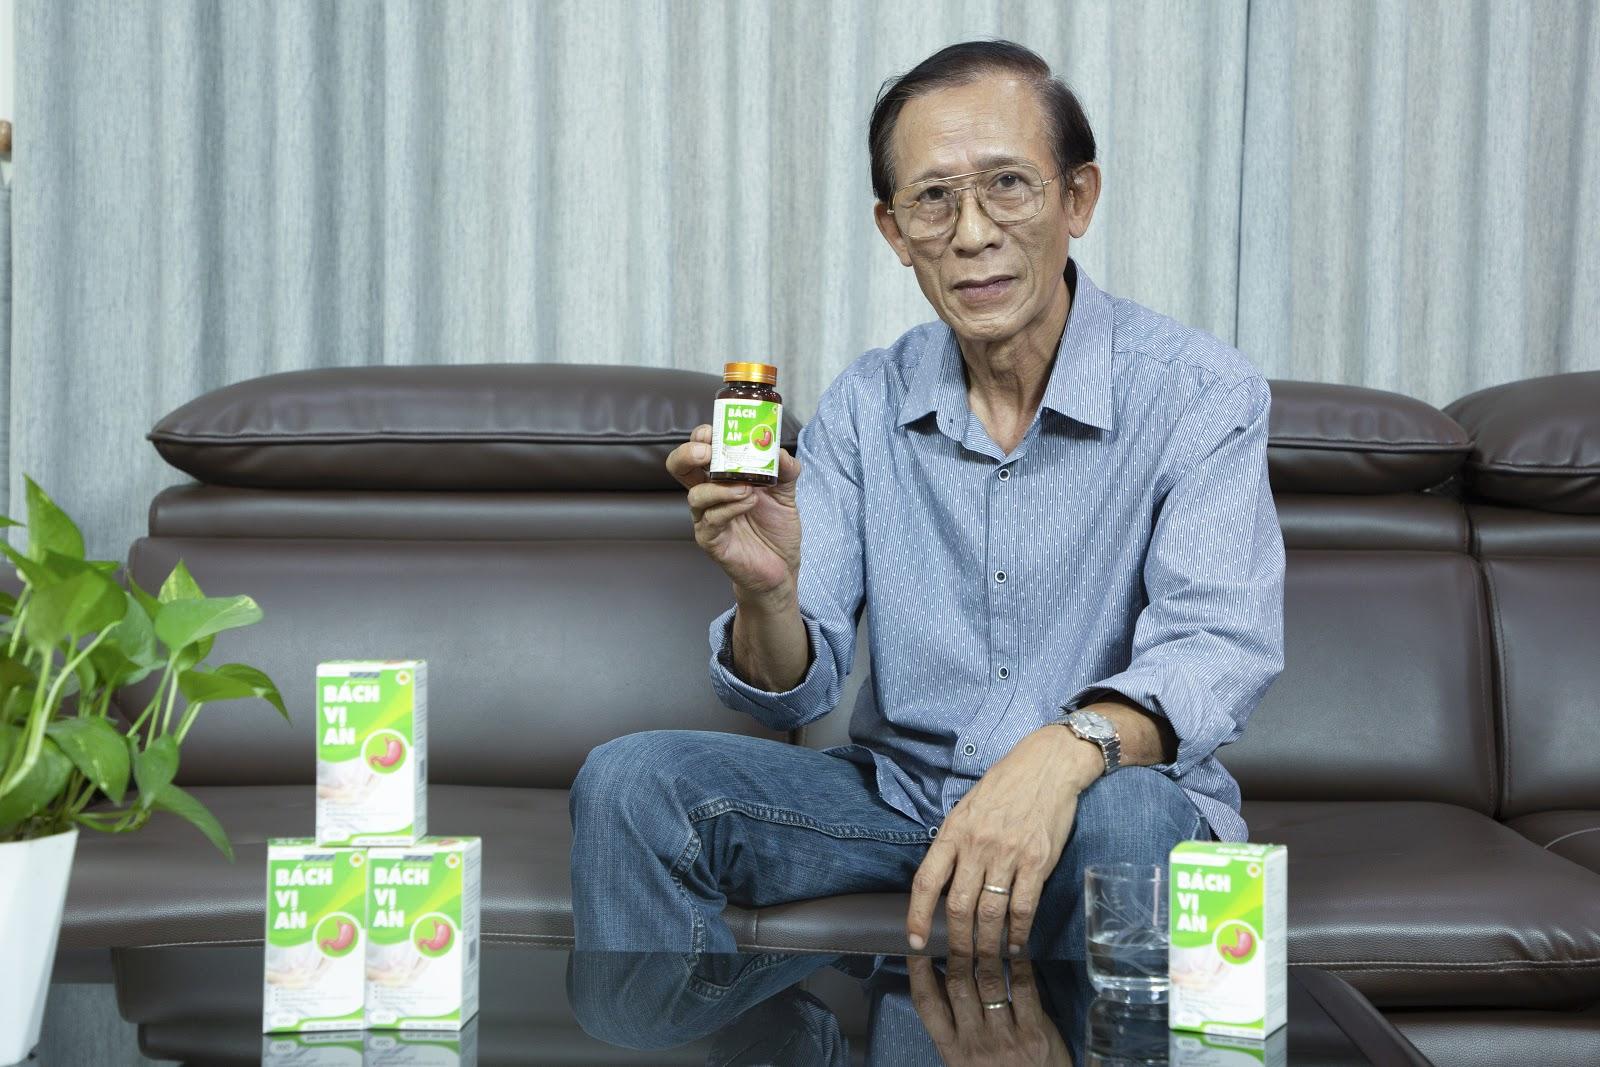 Công thức vượt trội trong Bách Vị An hỗ trợ cải thiện viêm loét dạ dày - Ảnh 5